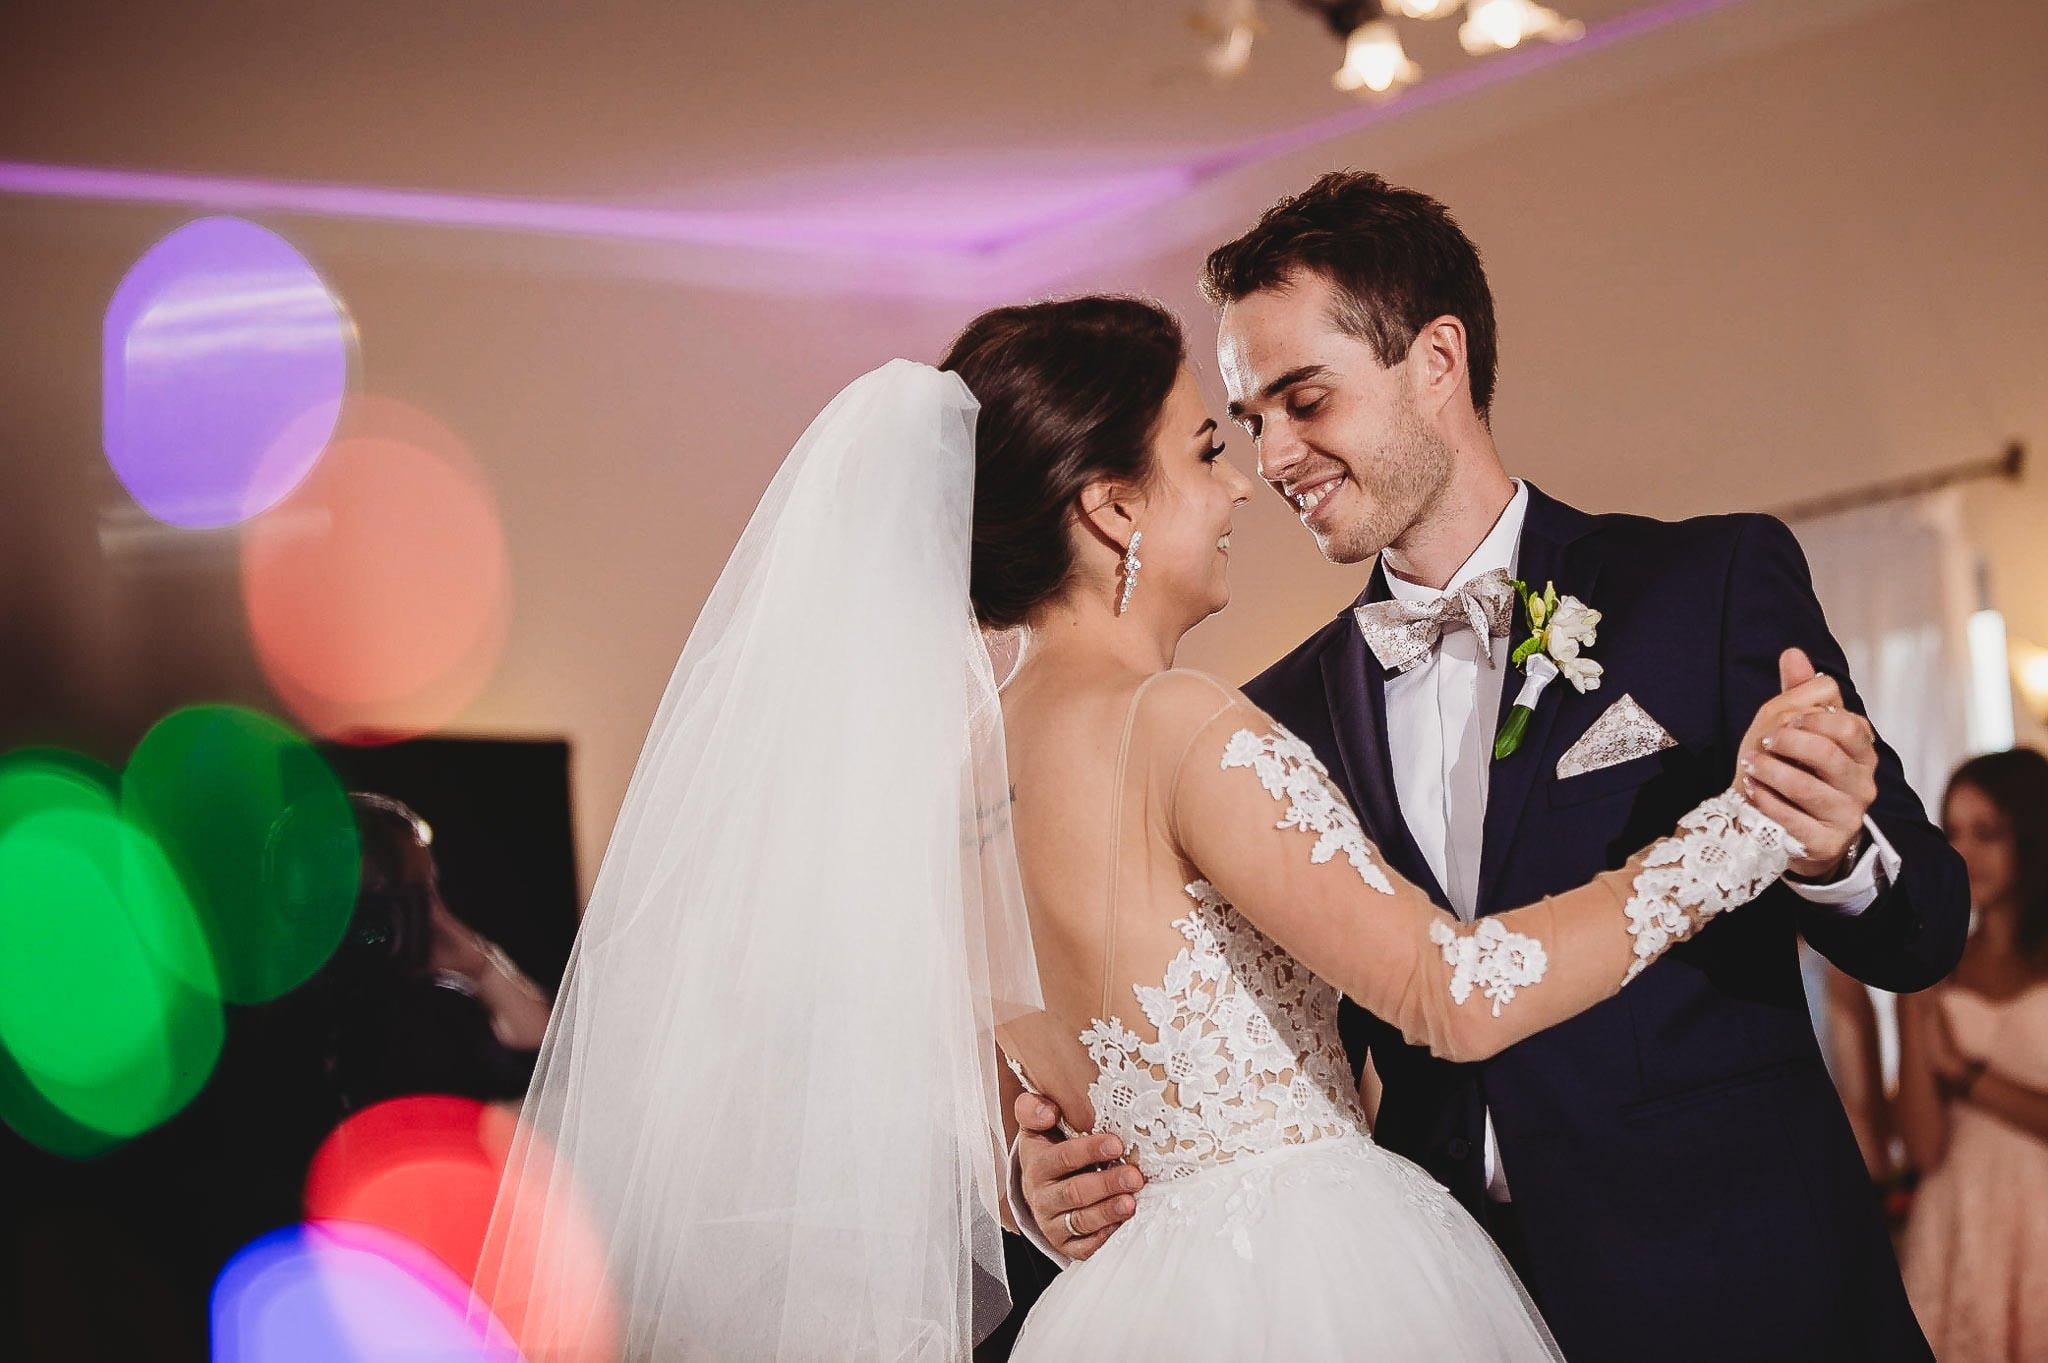 Angelika i Michał, piękne zdjęcia ślubne i sesja plenerowa w Gołuchowie 150